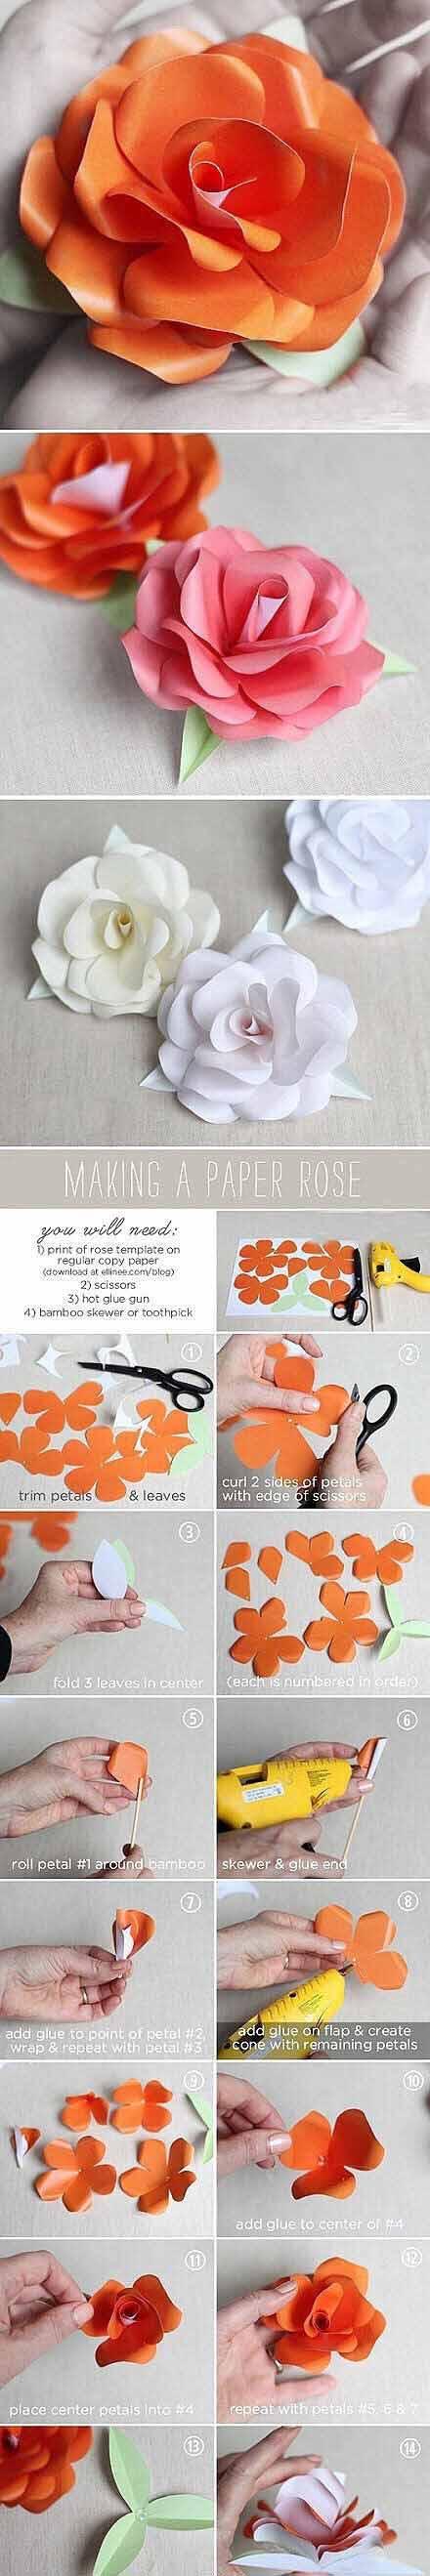 各种材质、各式各样 的13款手工花朵 制作步骤,总有你喜欢的类型!